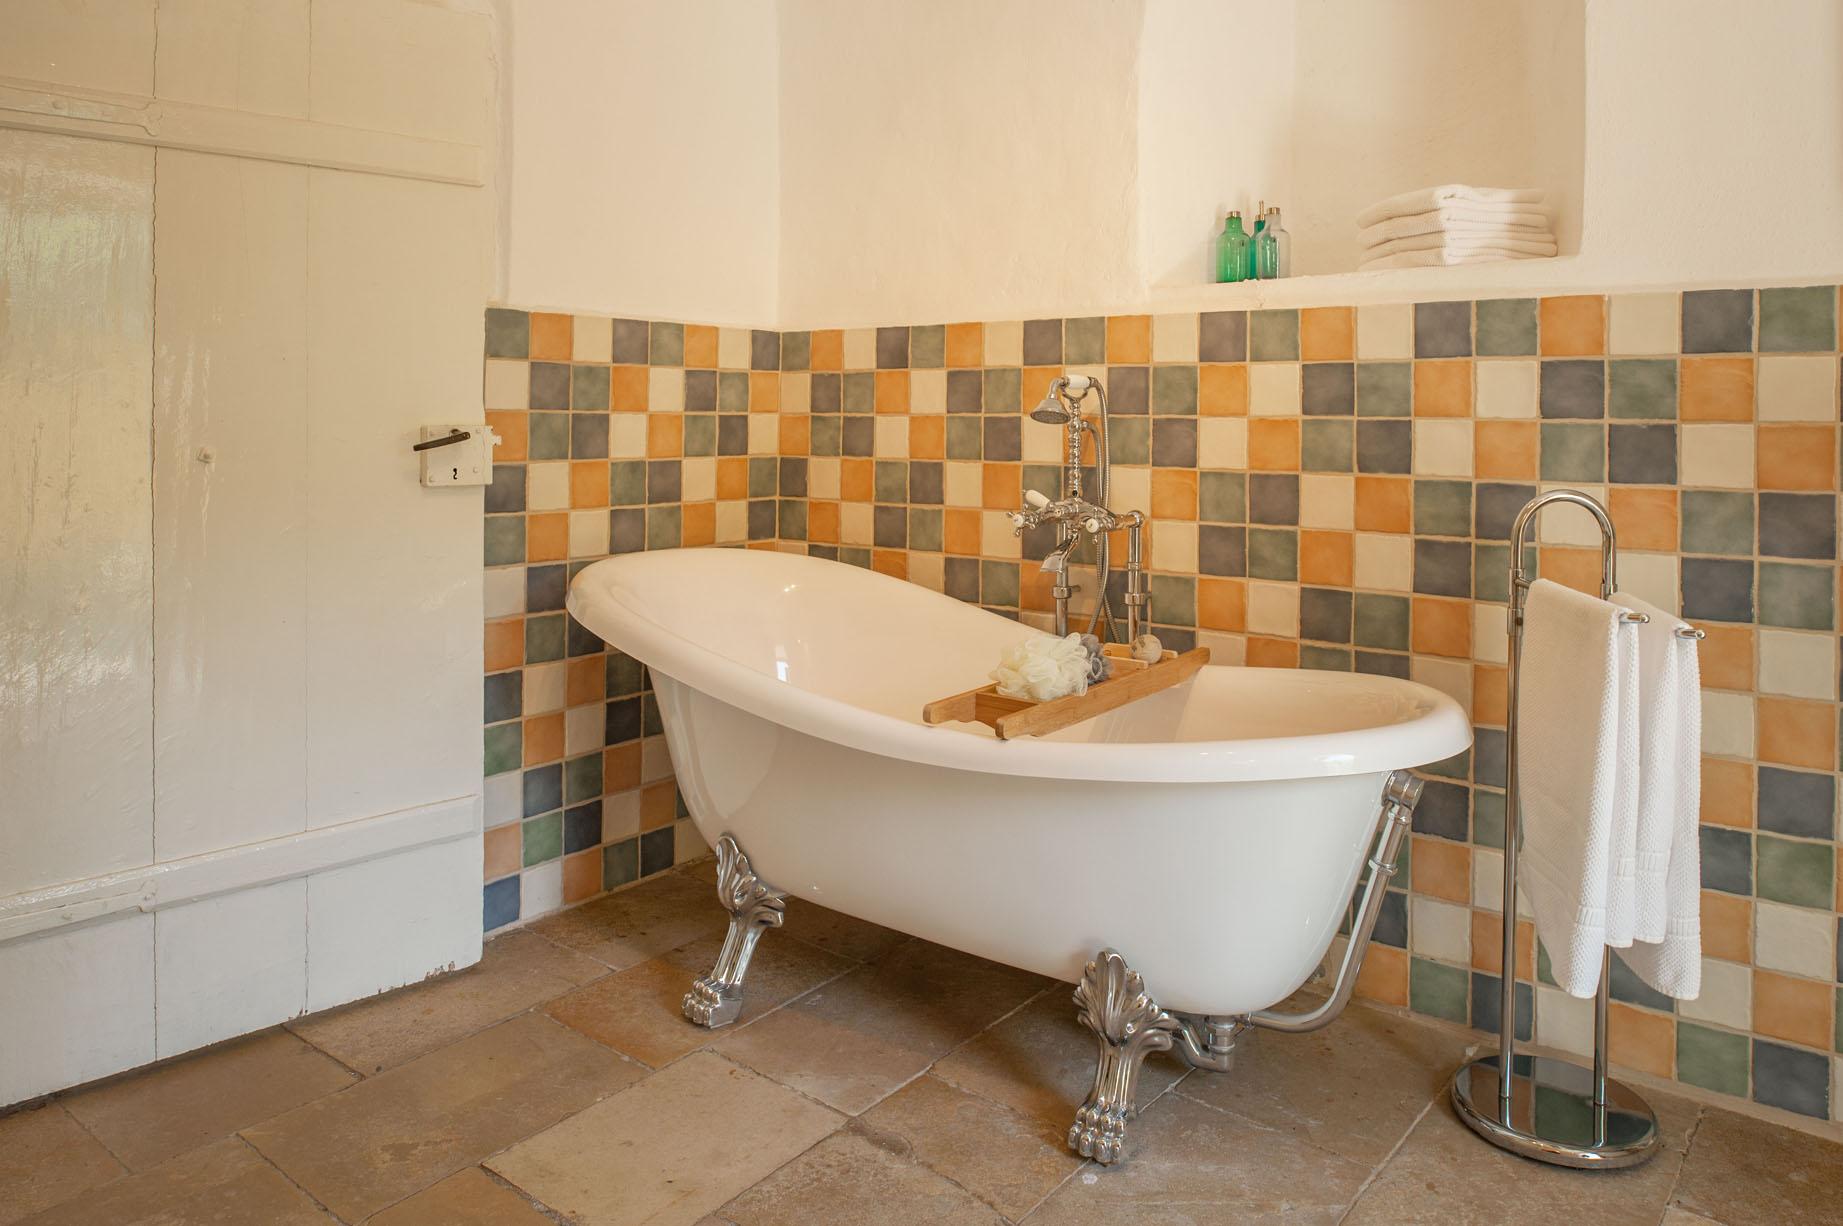 Bad op pootje vakantiehuis kasteeltoren